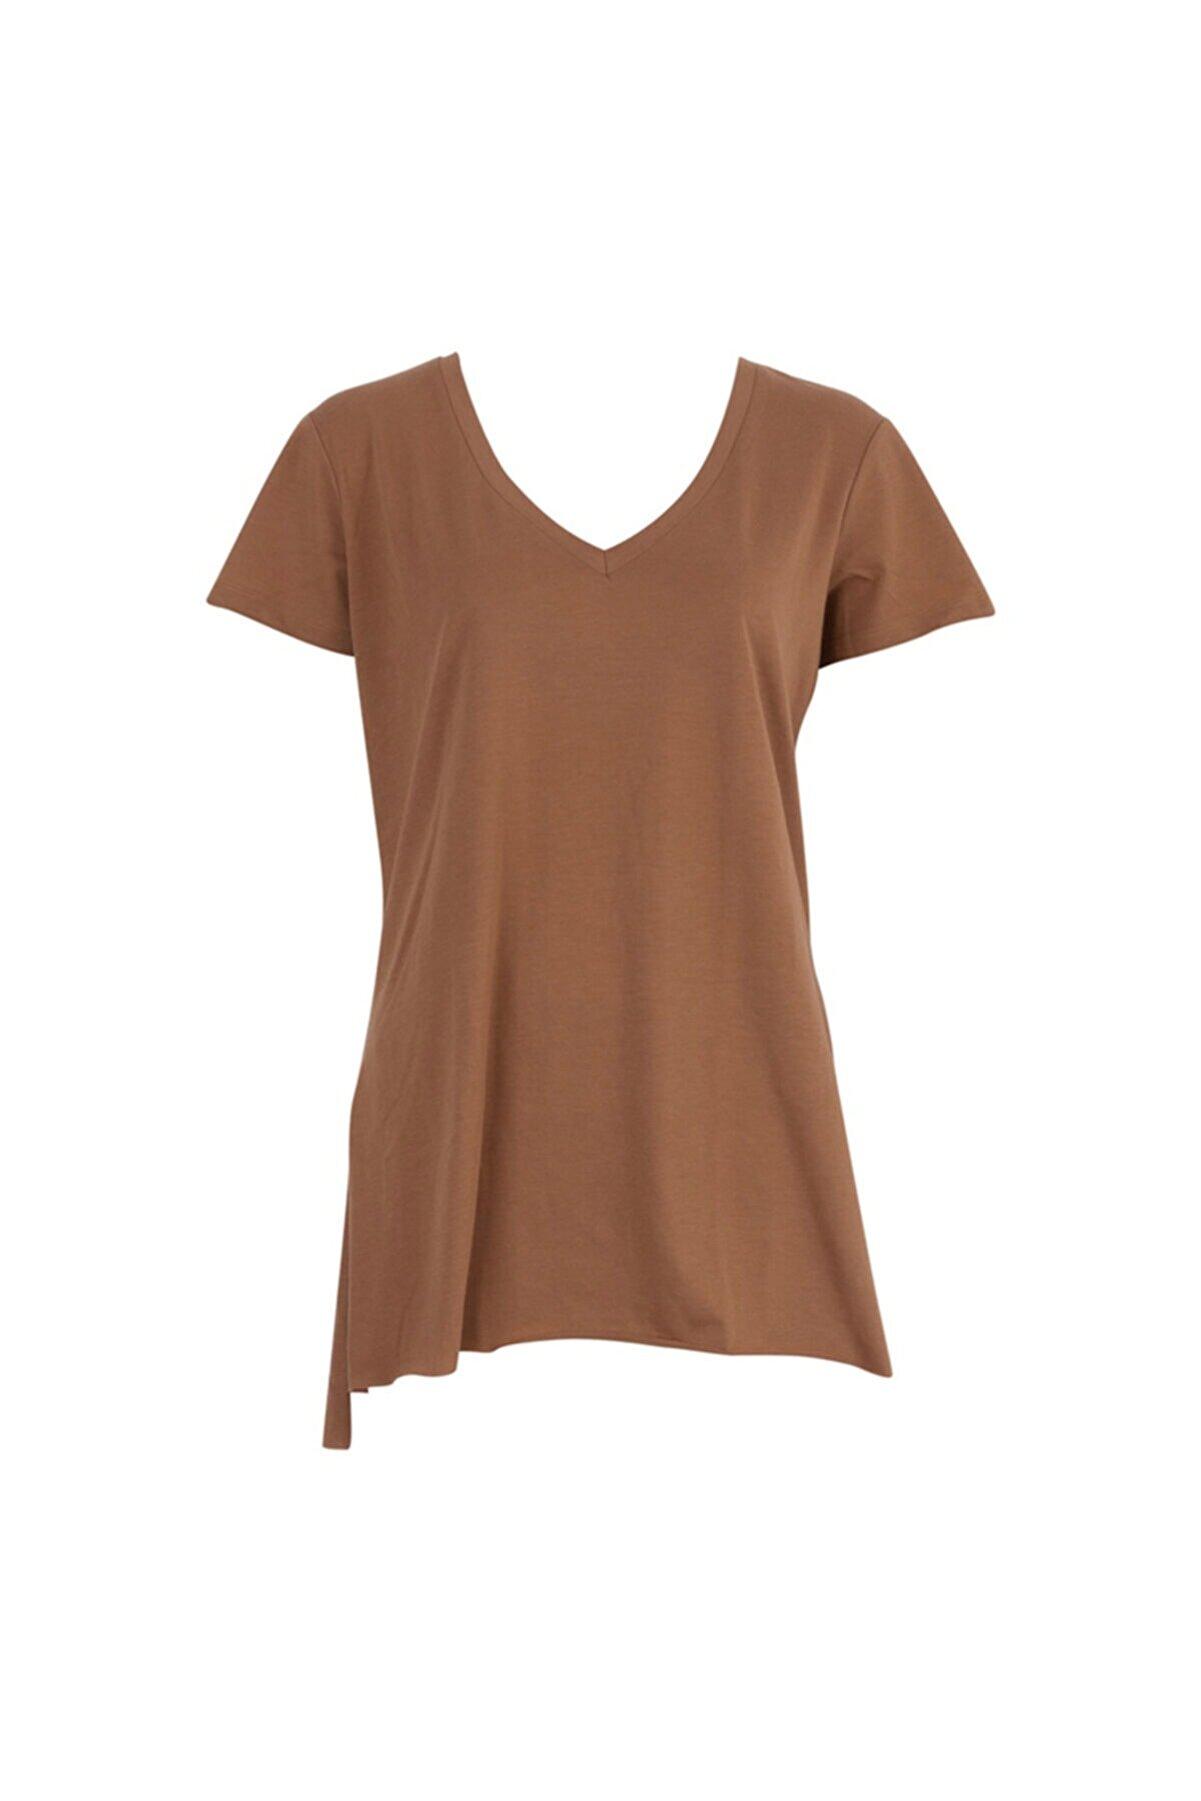 Only Kadın Kahverengi Salaş Tişört